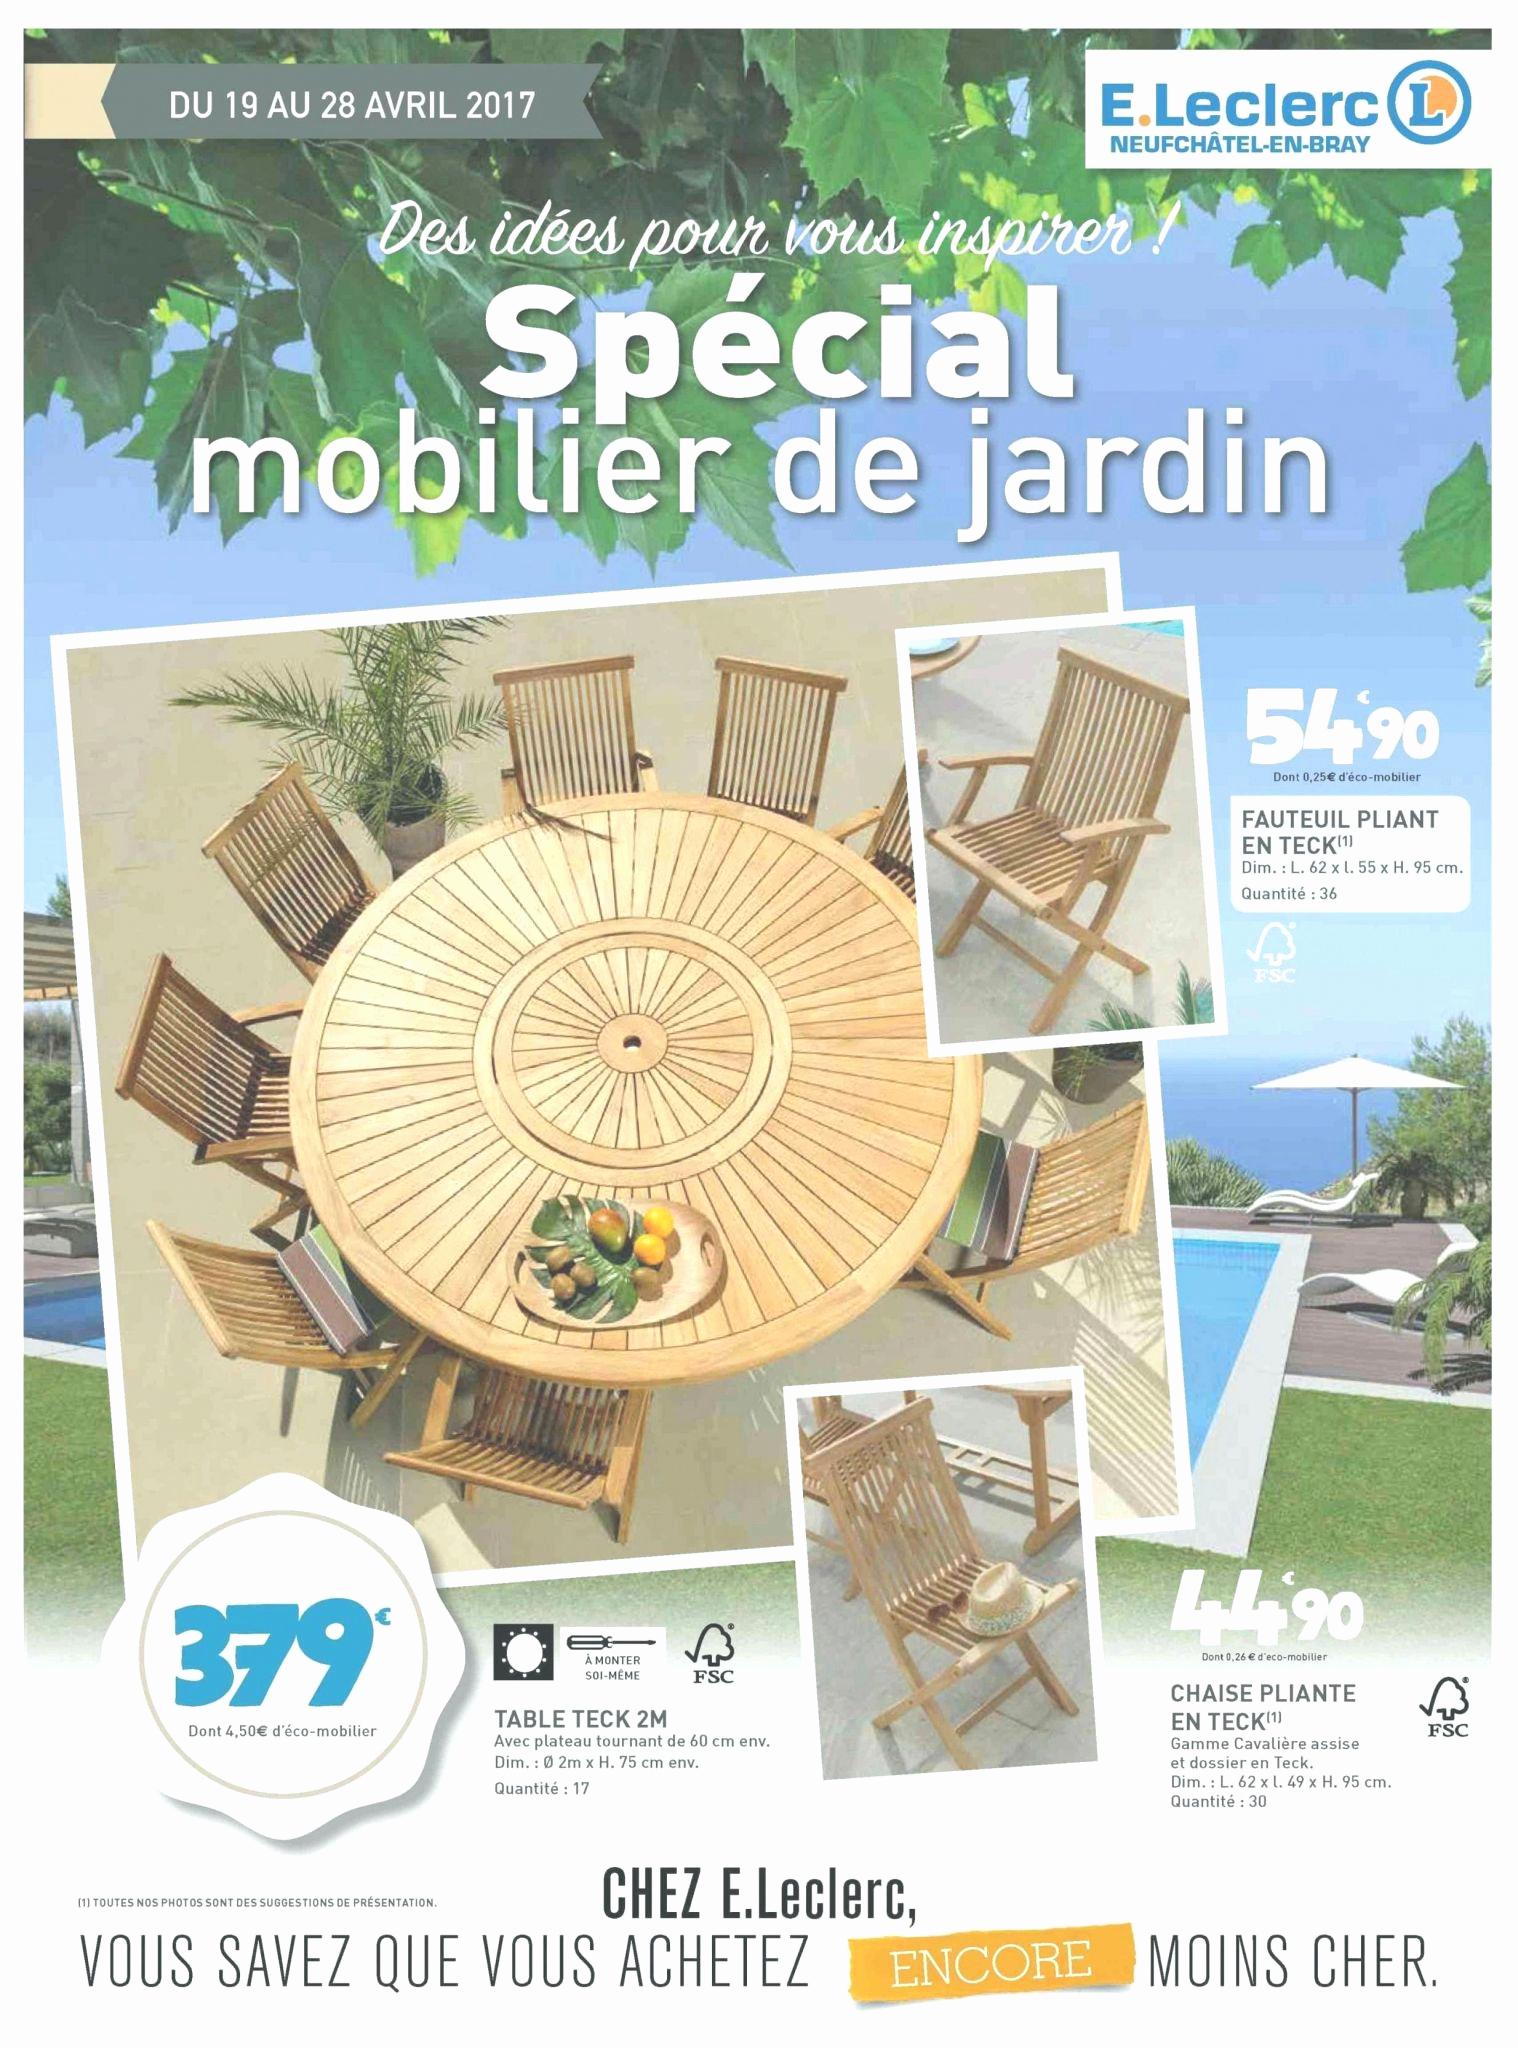 Bon Images De Salle A Manger Belgique Luxe Salon De Jardin ... dedans Table De Jardin Magasin Leclerc